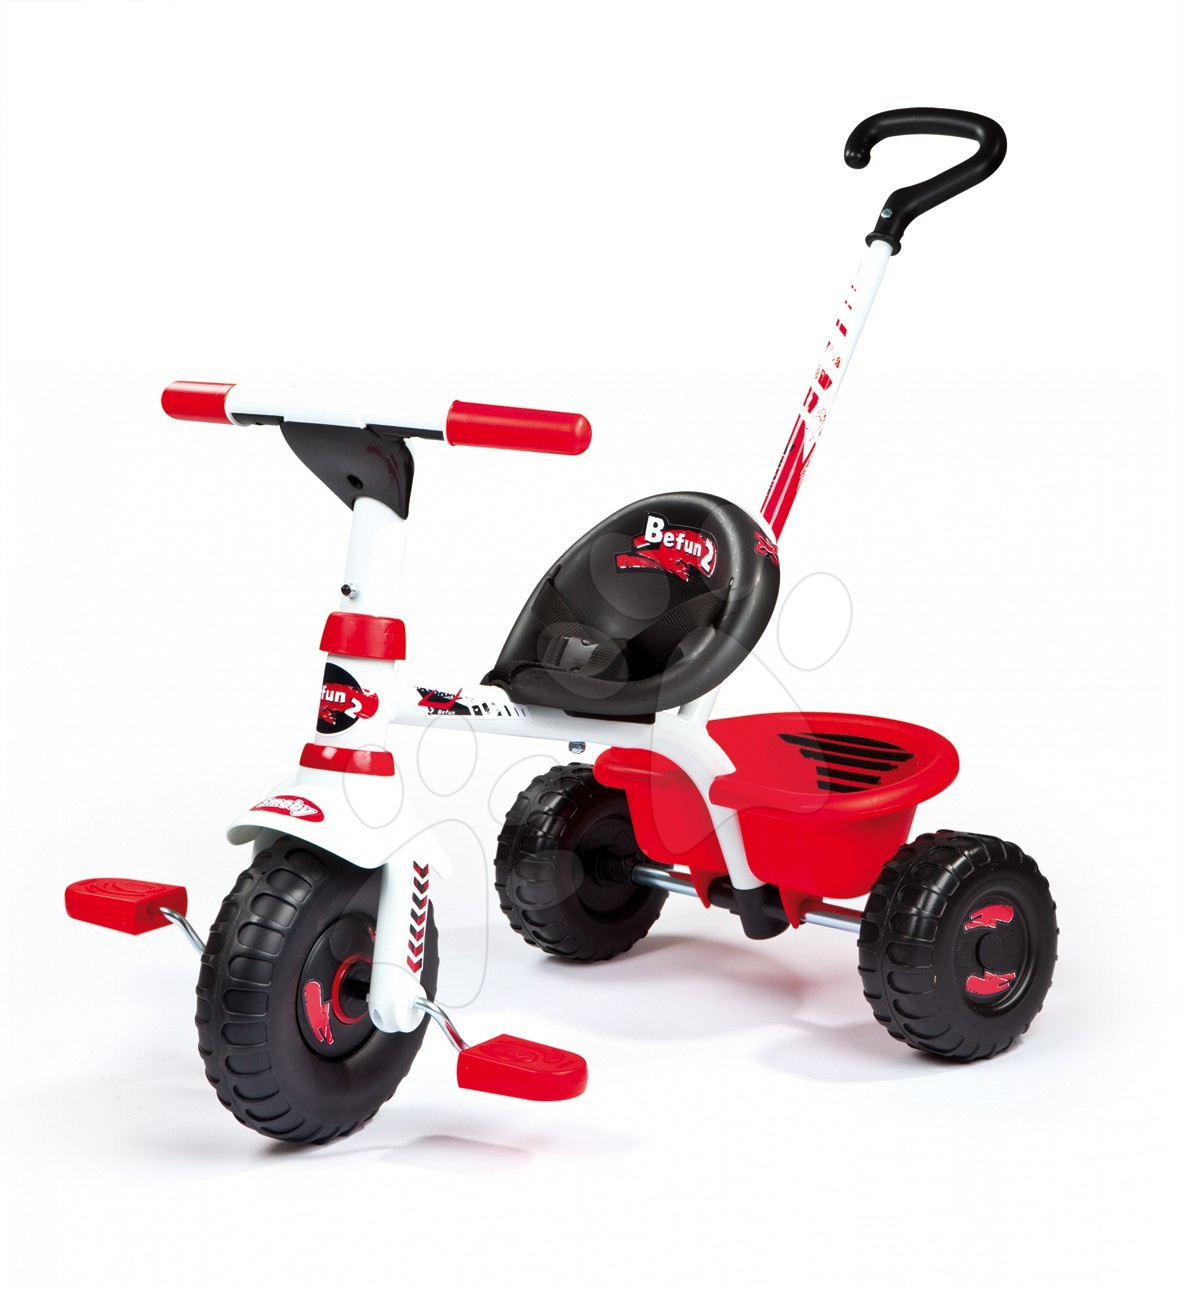 Staré položky - Tříkolka Be Fun sport line Smoby červeno-bílá s tyčí od 15 měsíců